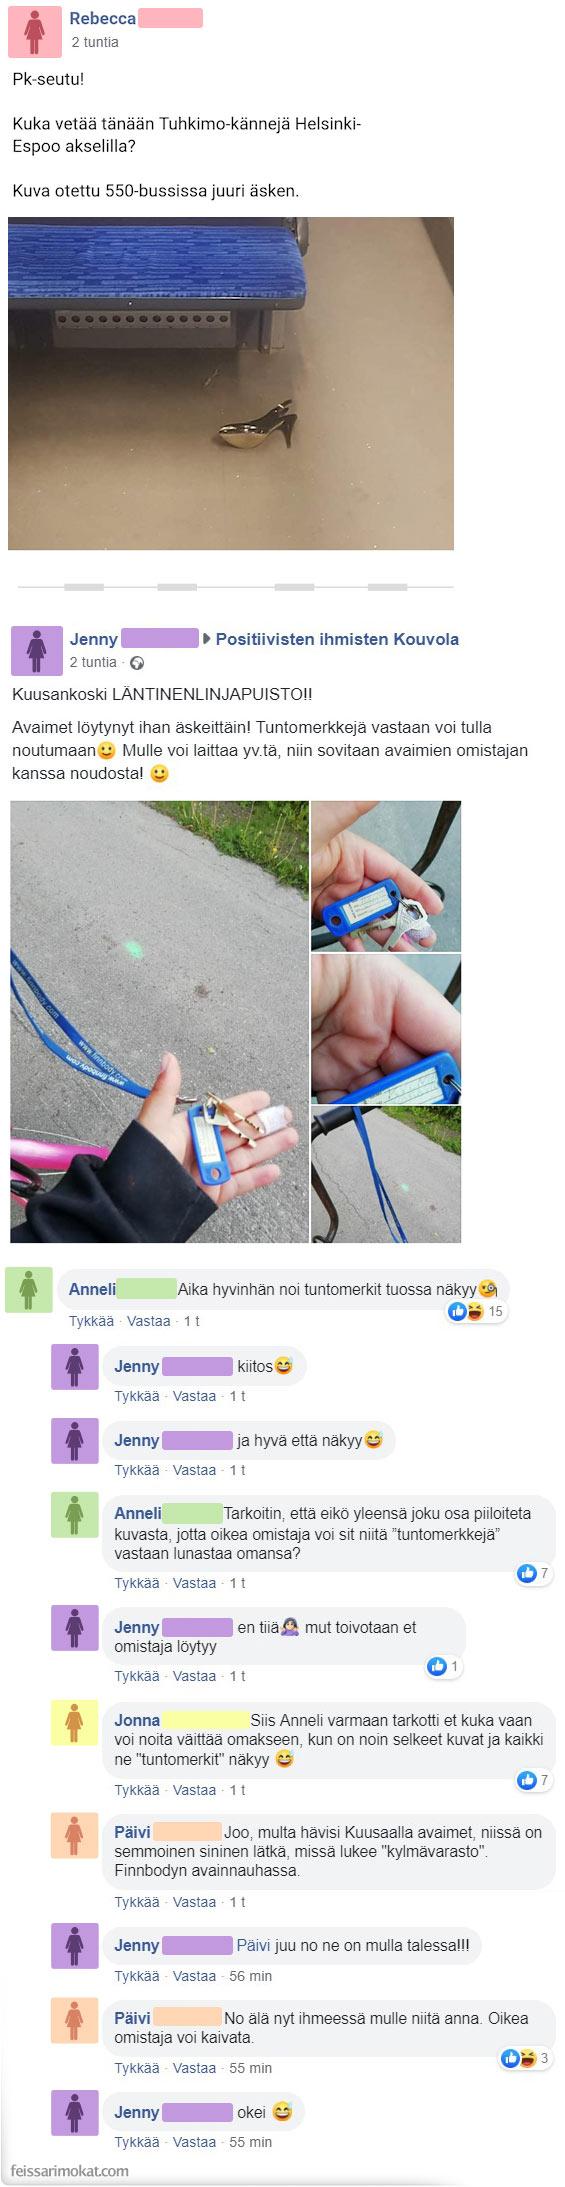 Löytötavaratoimisto Facebook, osa 18